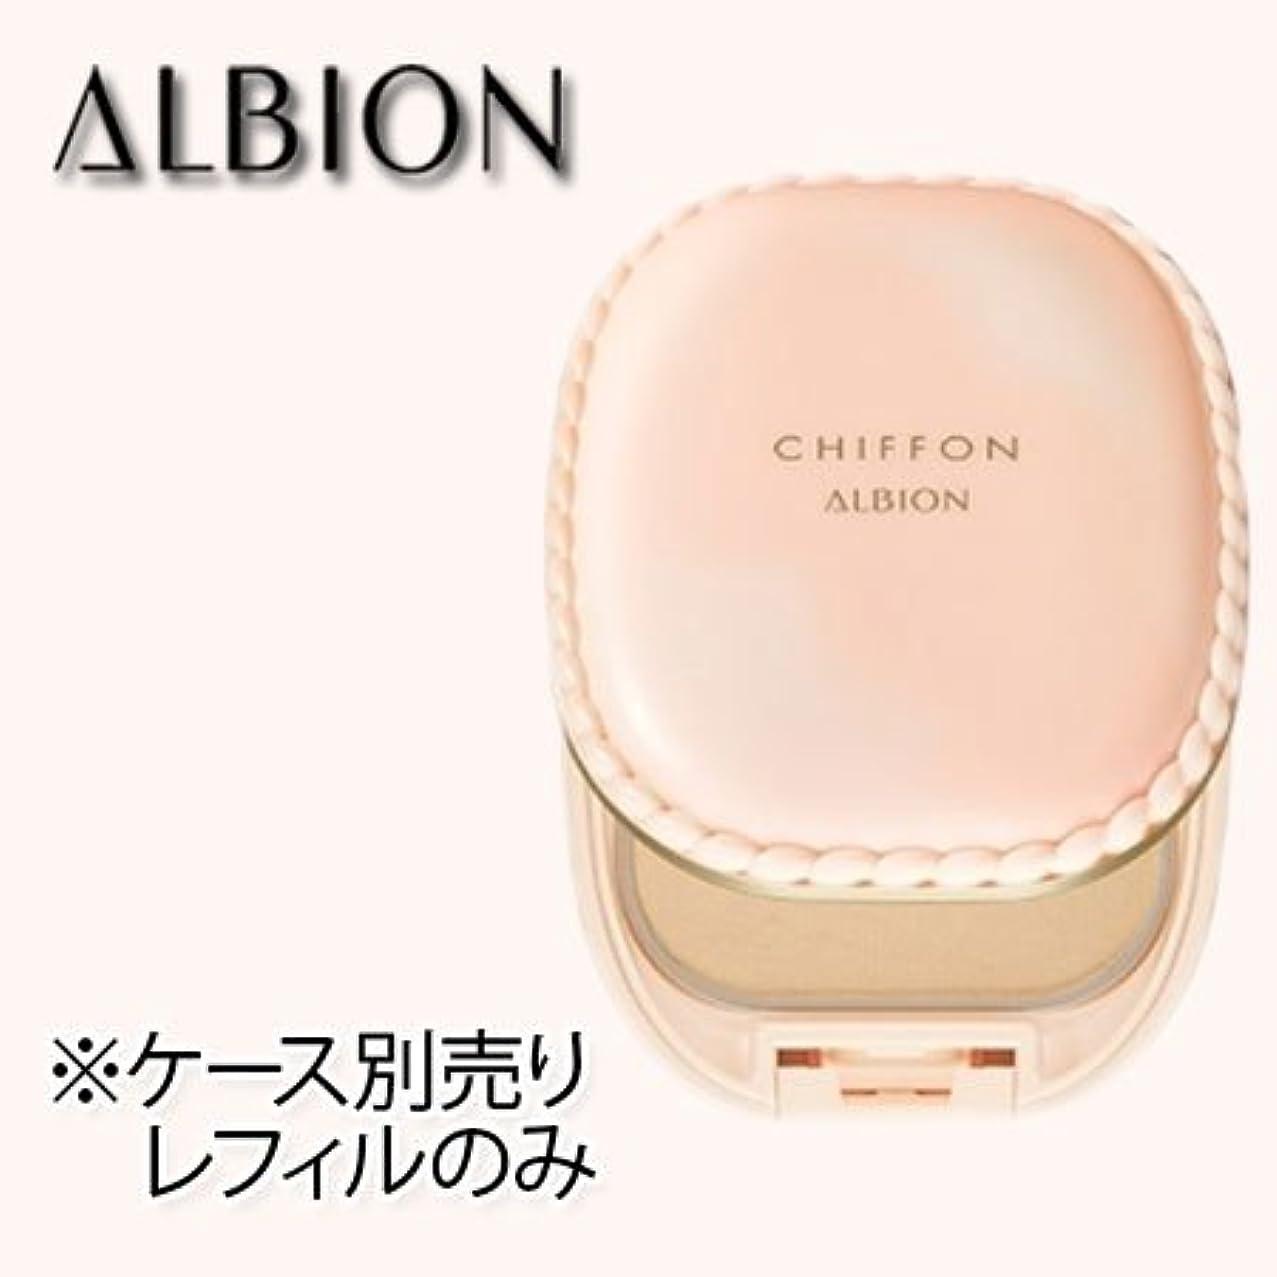 ヒューズライバル動物アルビオン スウィート モイスチュア シフォン (レフィル) 10g 6色 SPF22 PA++-ALBION- 040